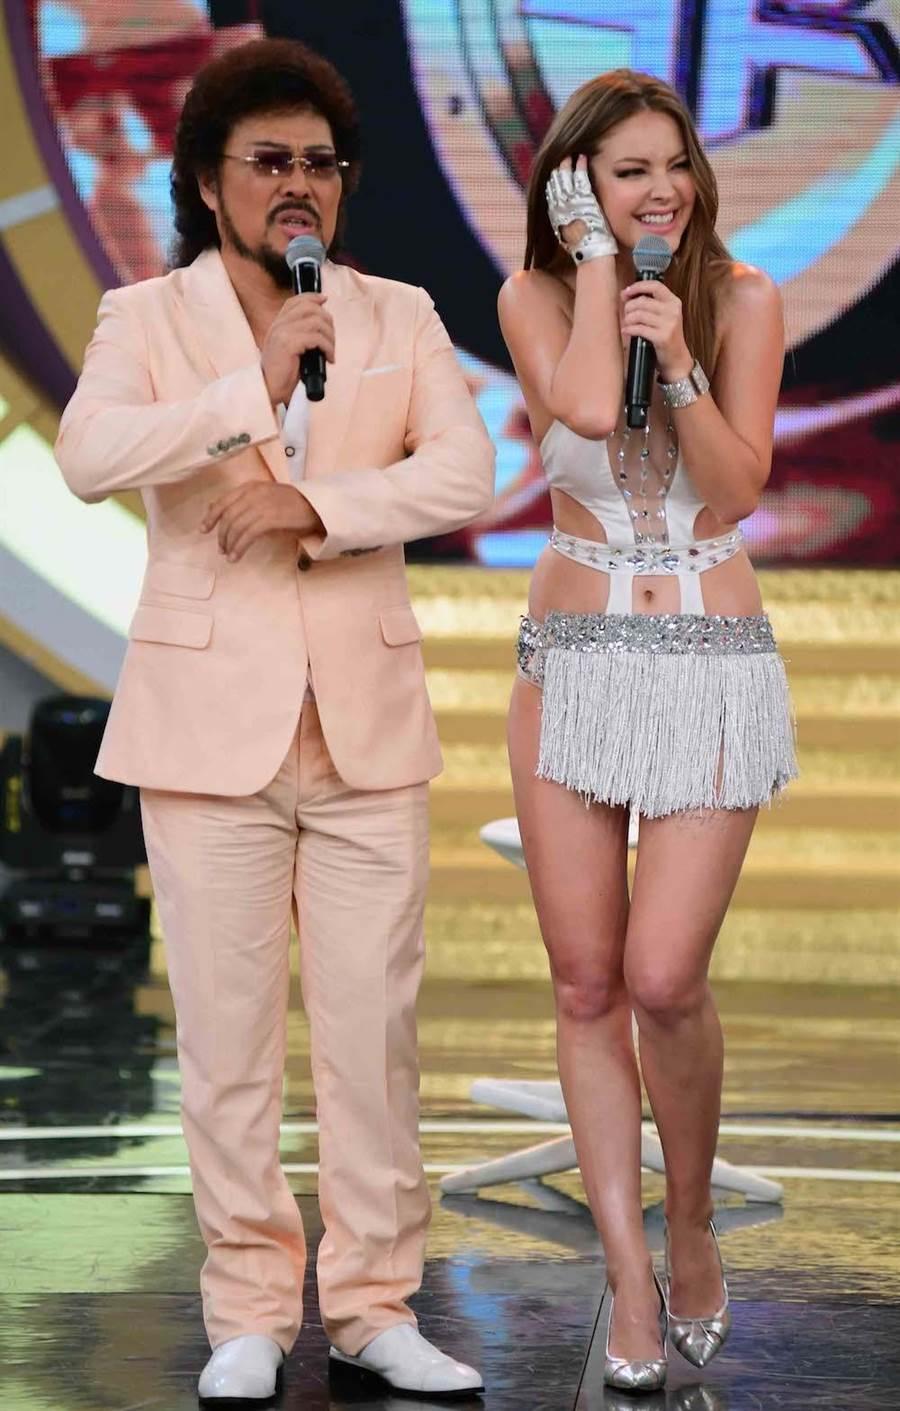 安妮在張菲主持的節目大跳熱舞。(圖片提供:華視)